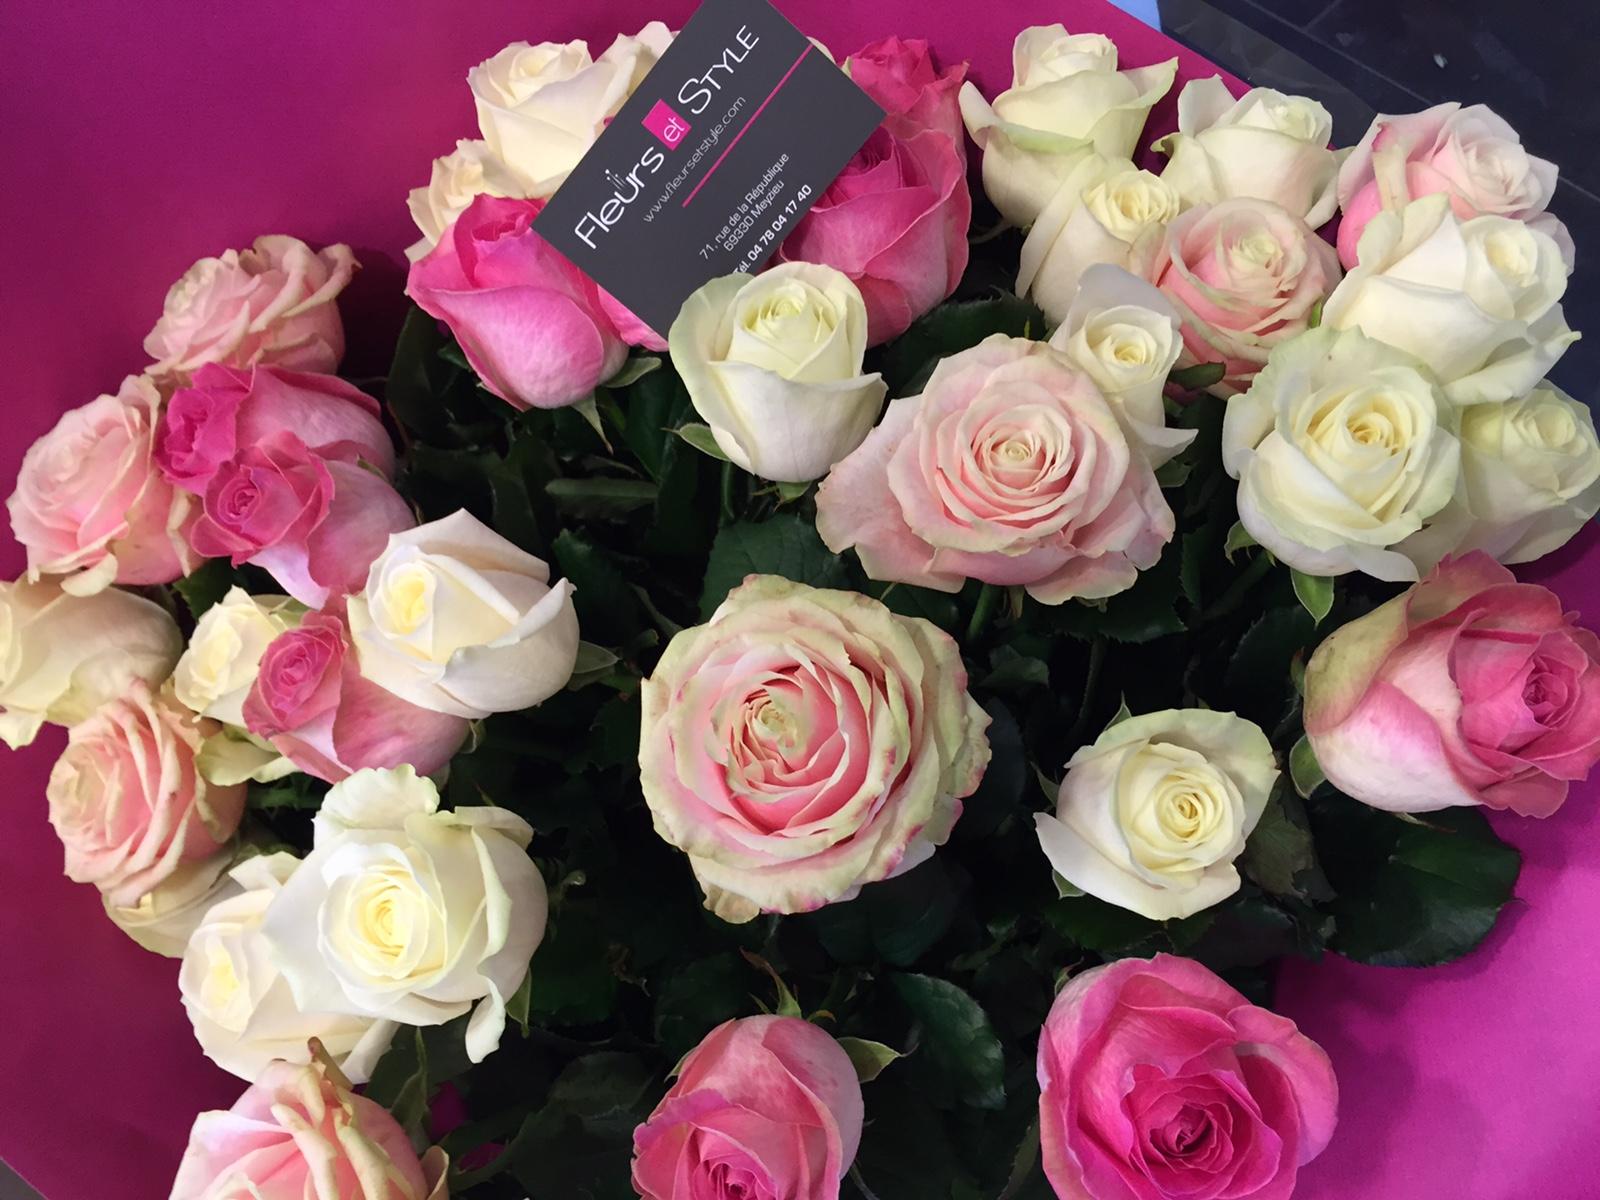 livraison roses domicile l 39 atelier des fleurs. Black Bedroom Furniture Sets. Home Design Ideas